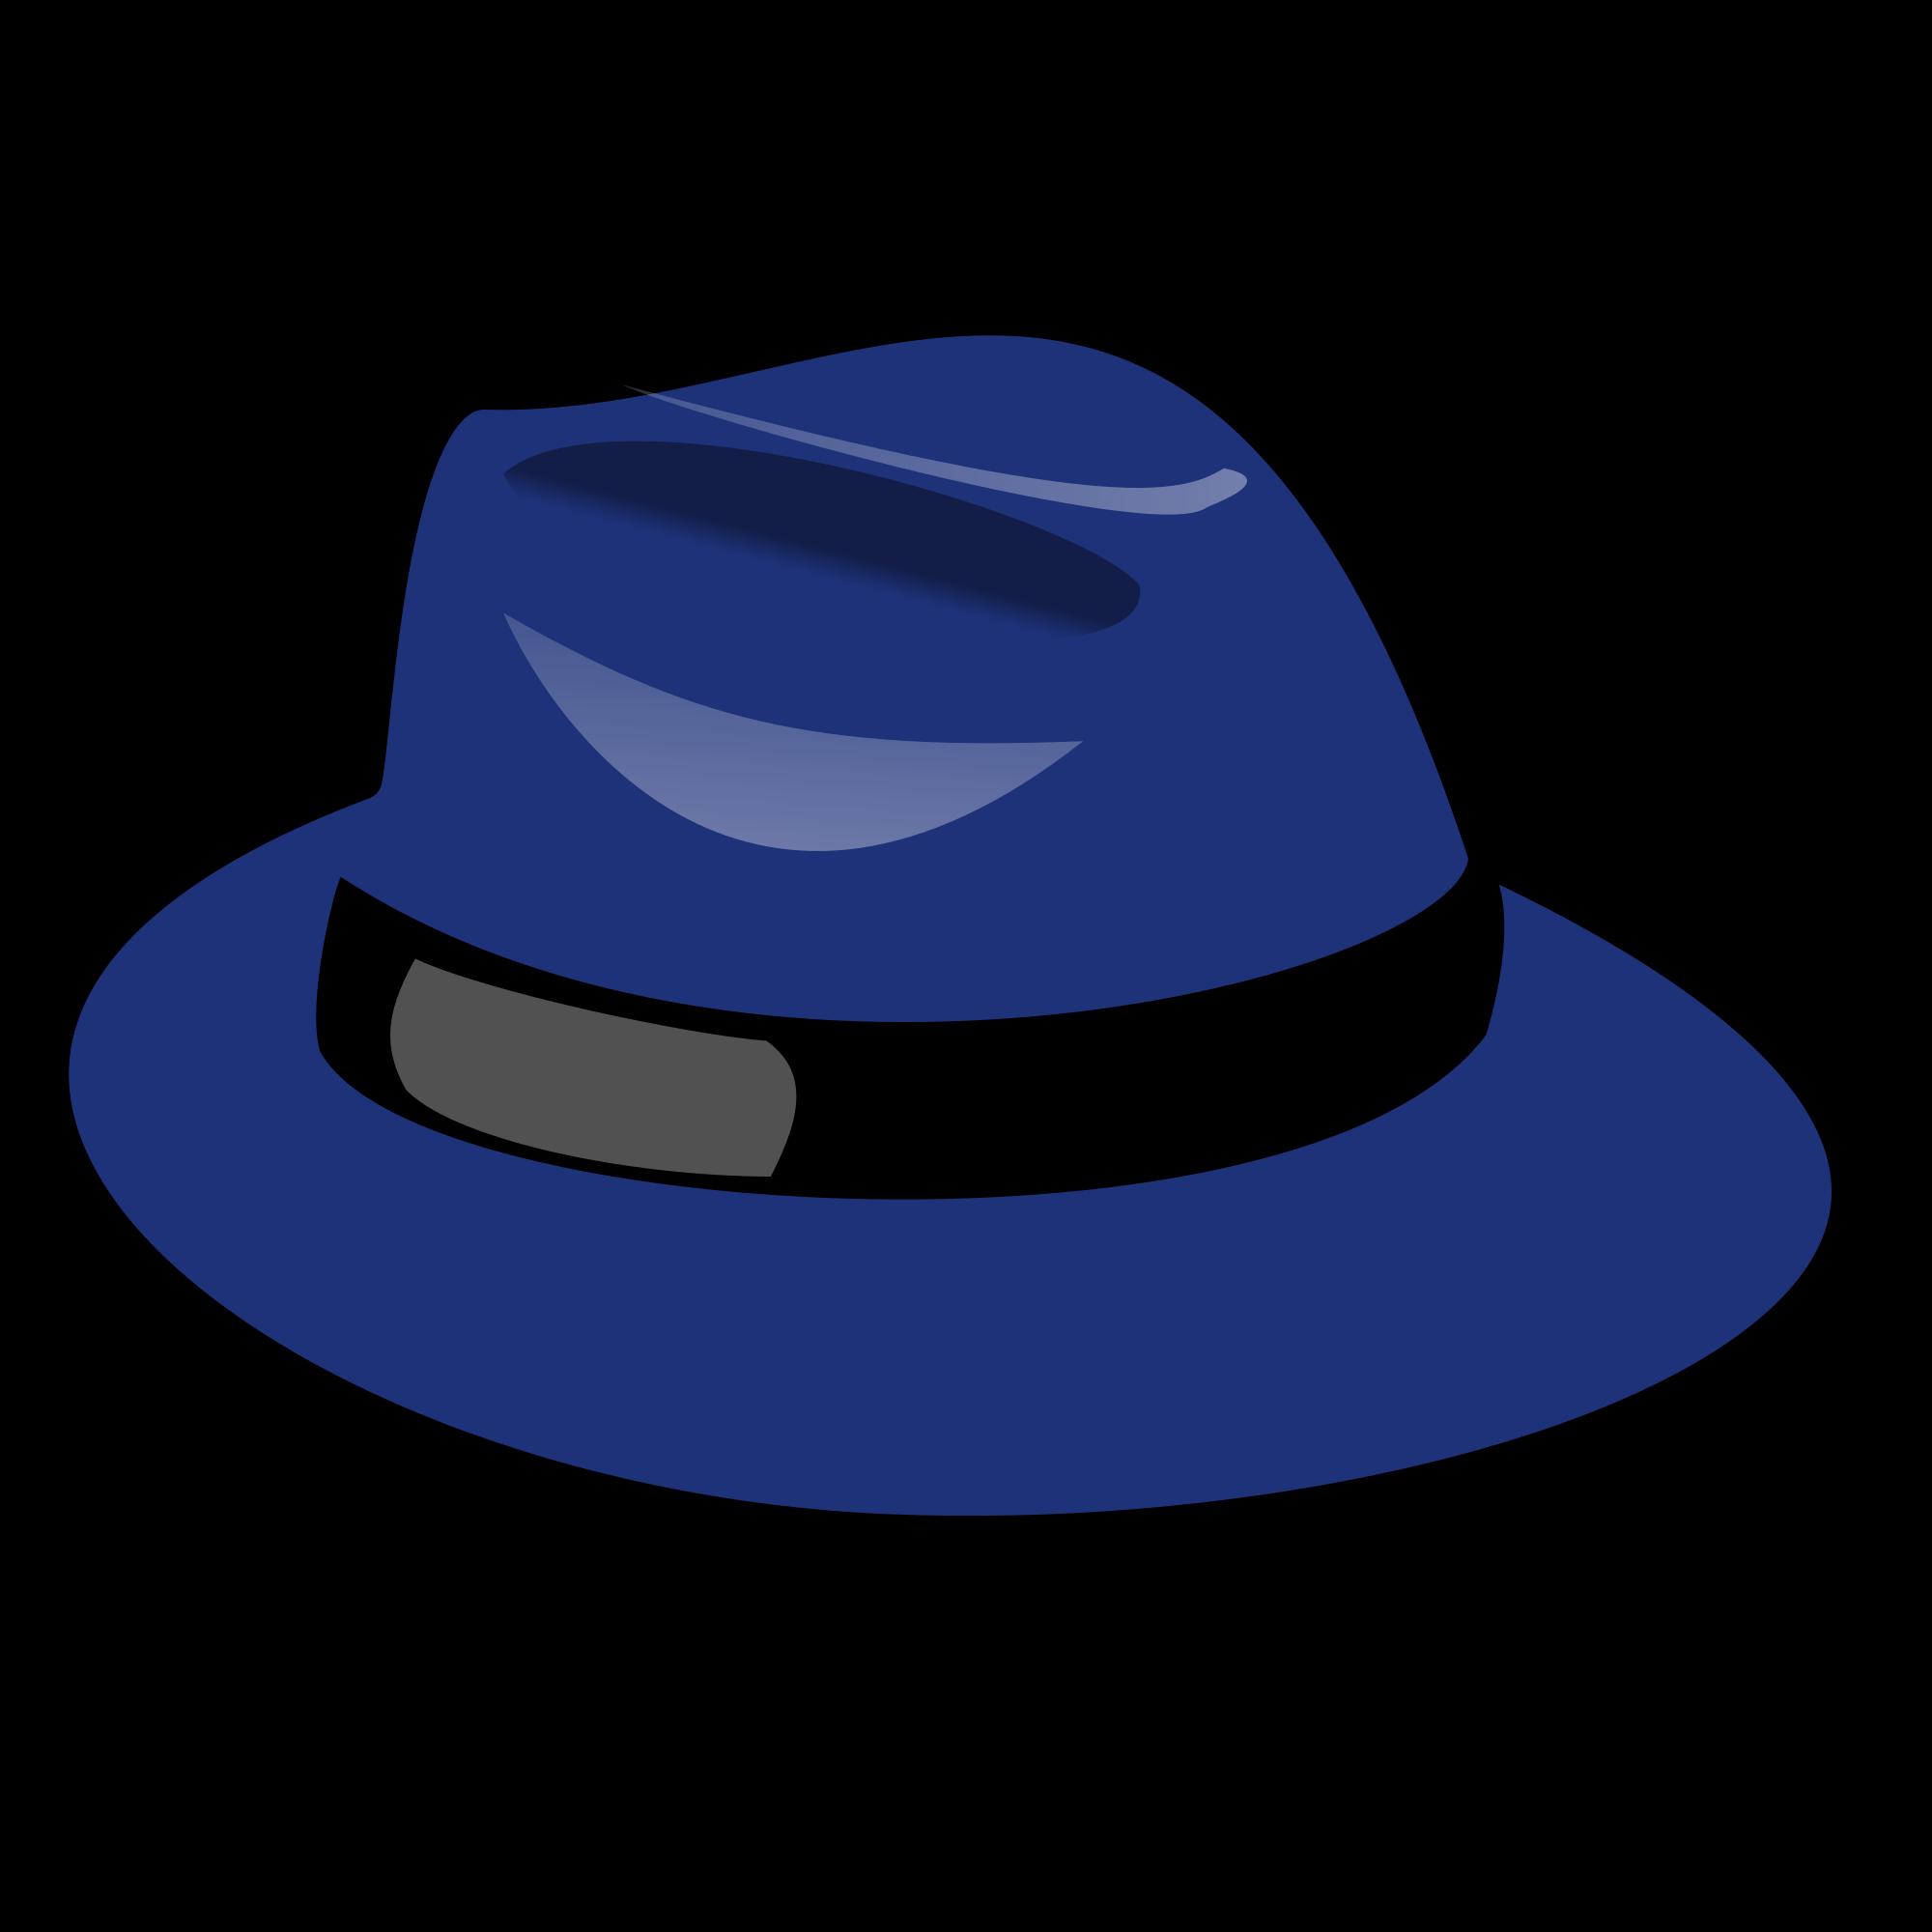 Fedora clipart alpine hat. File tux paint blue